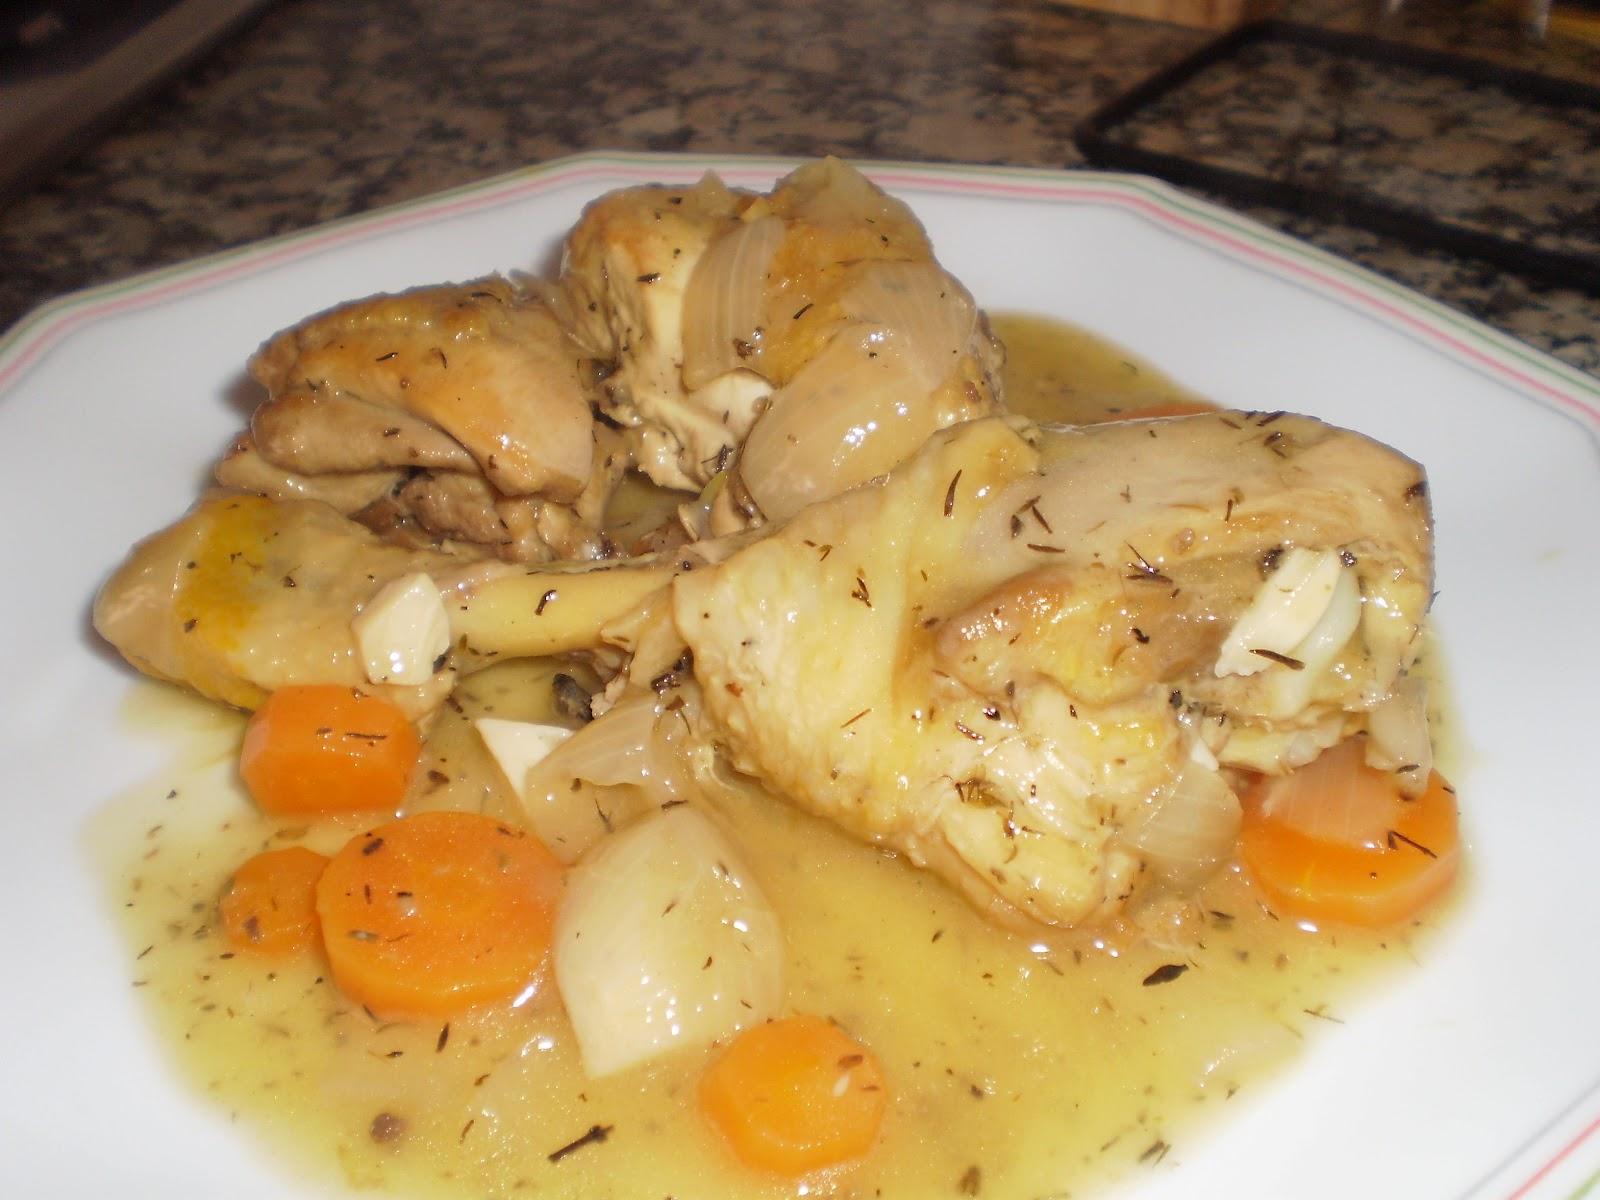 Cocina sin tonterias pollo de corral guisado - Pollo de corral guisado ...